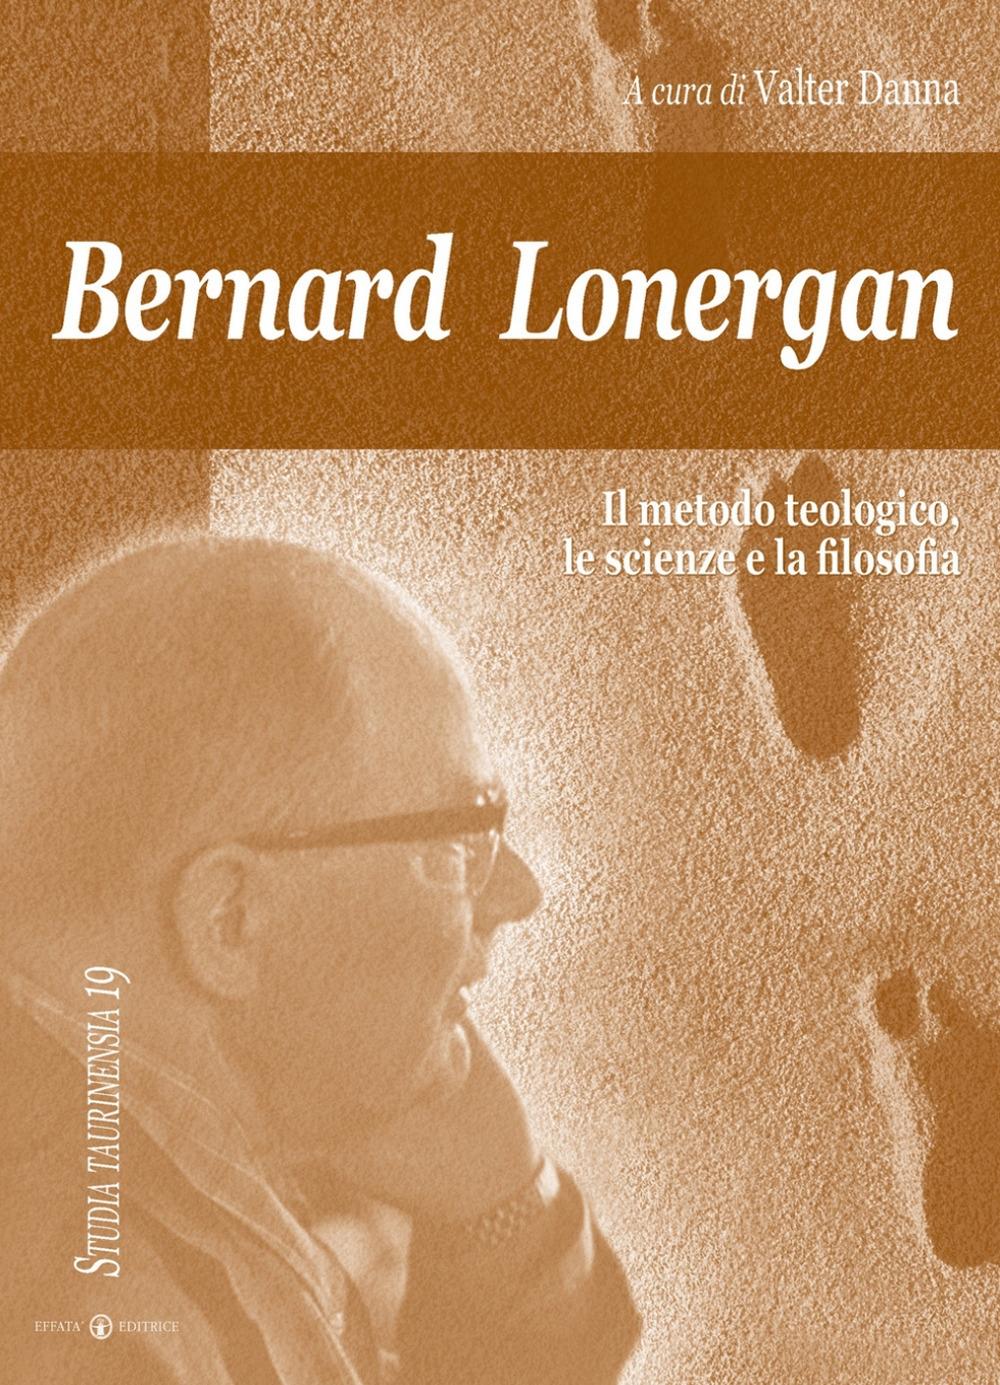 Bernard Lonergan, il metodo teologico, le scienze e la filosofia.